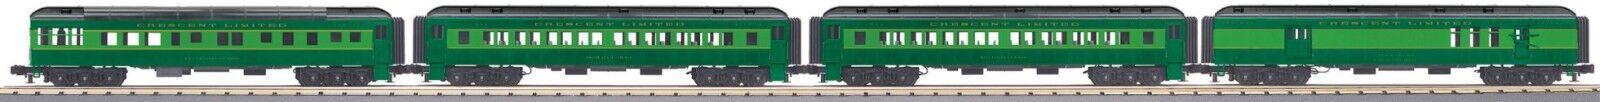 MTH 30 -69264 O Gage järnvägk 4 -Bil 60 'Madison Passager Set